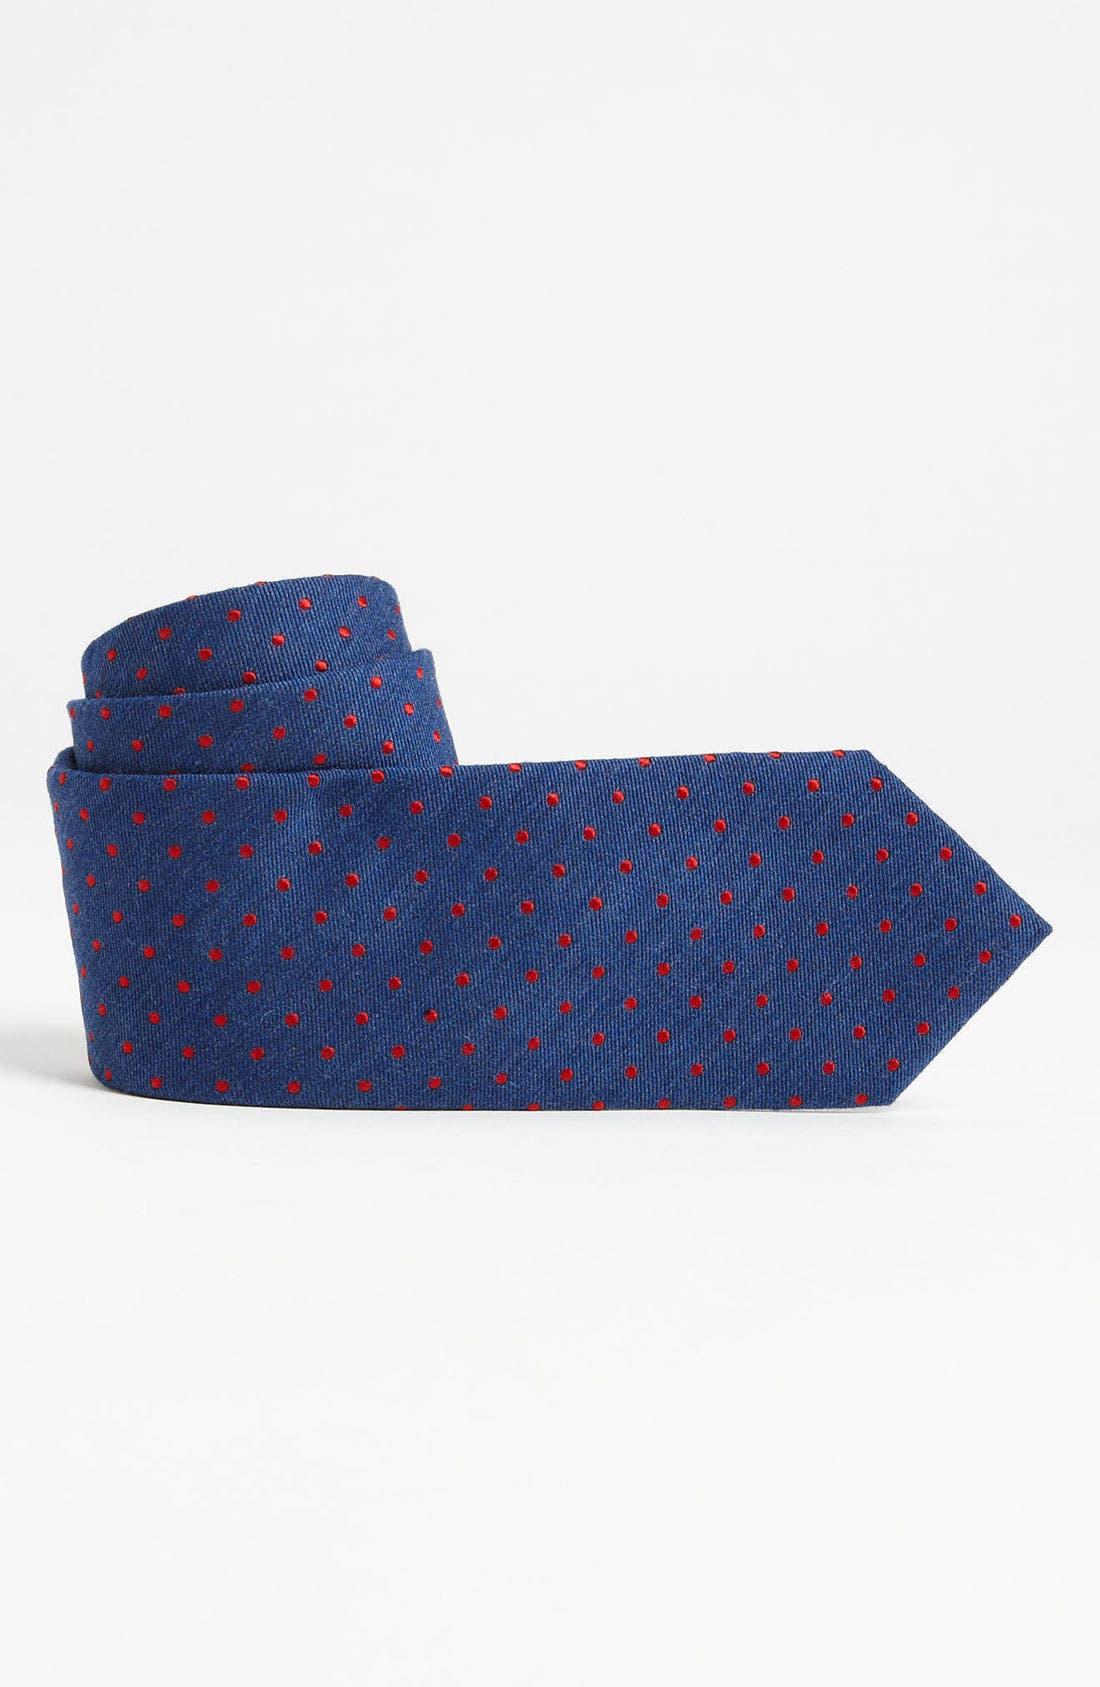 Main Image - Nordstrom Woven Tie (Big Boys)